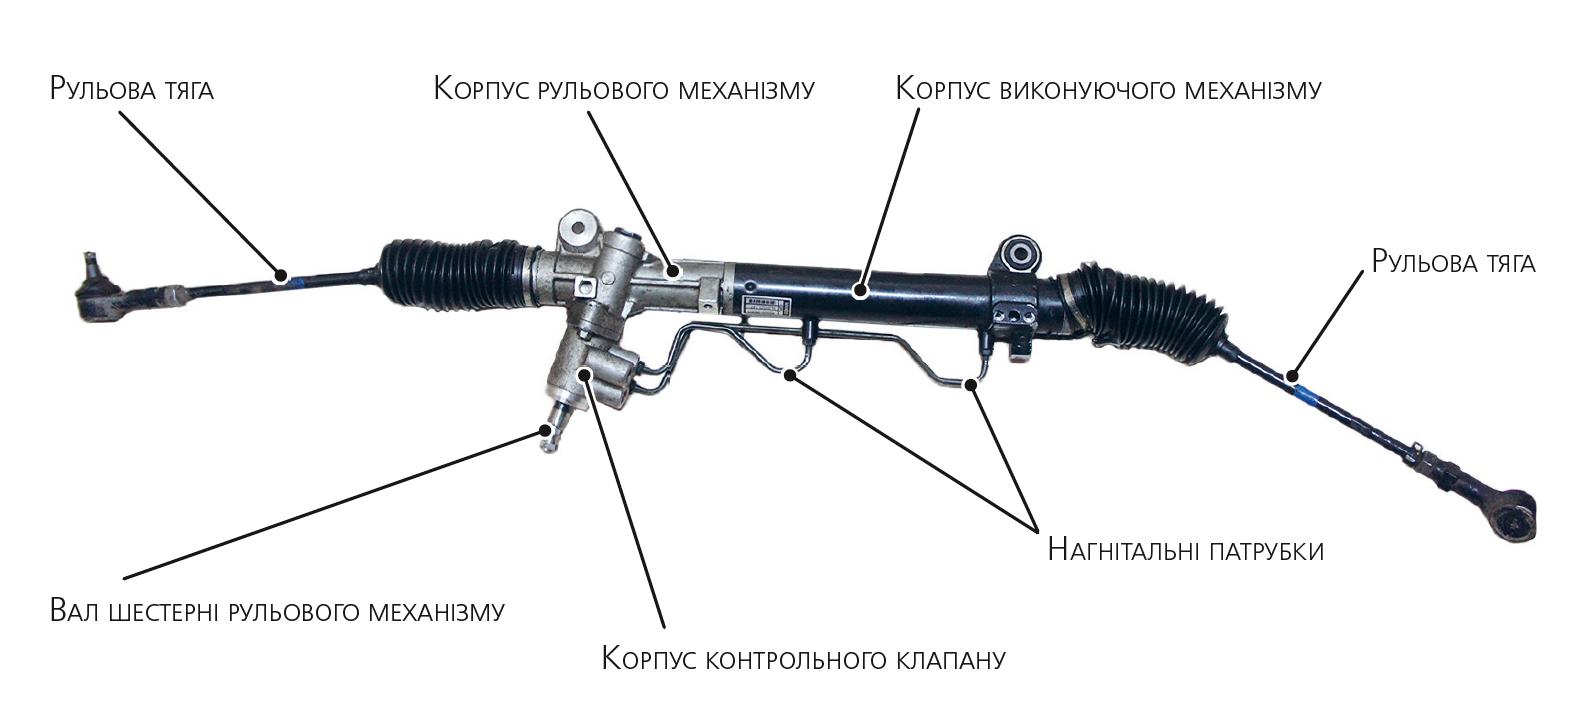 Рульовий механізм з гідравлічним підсилювачем